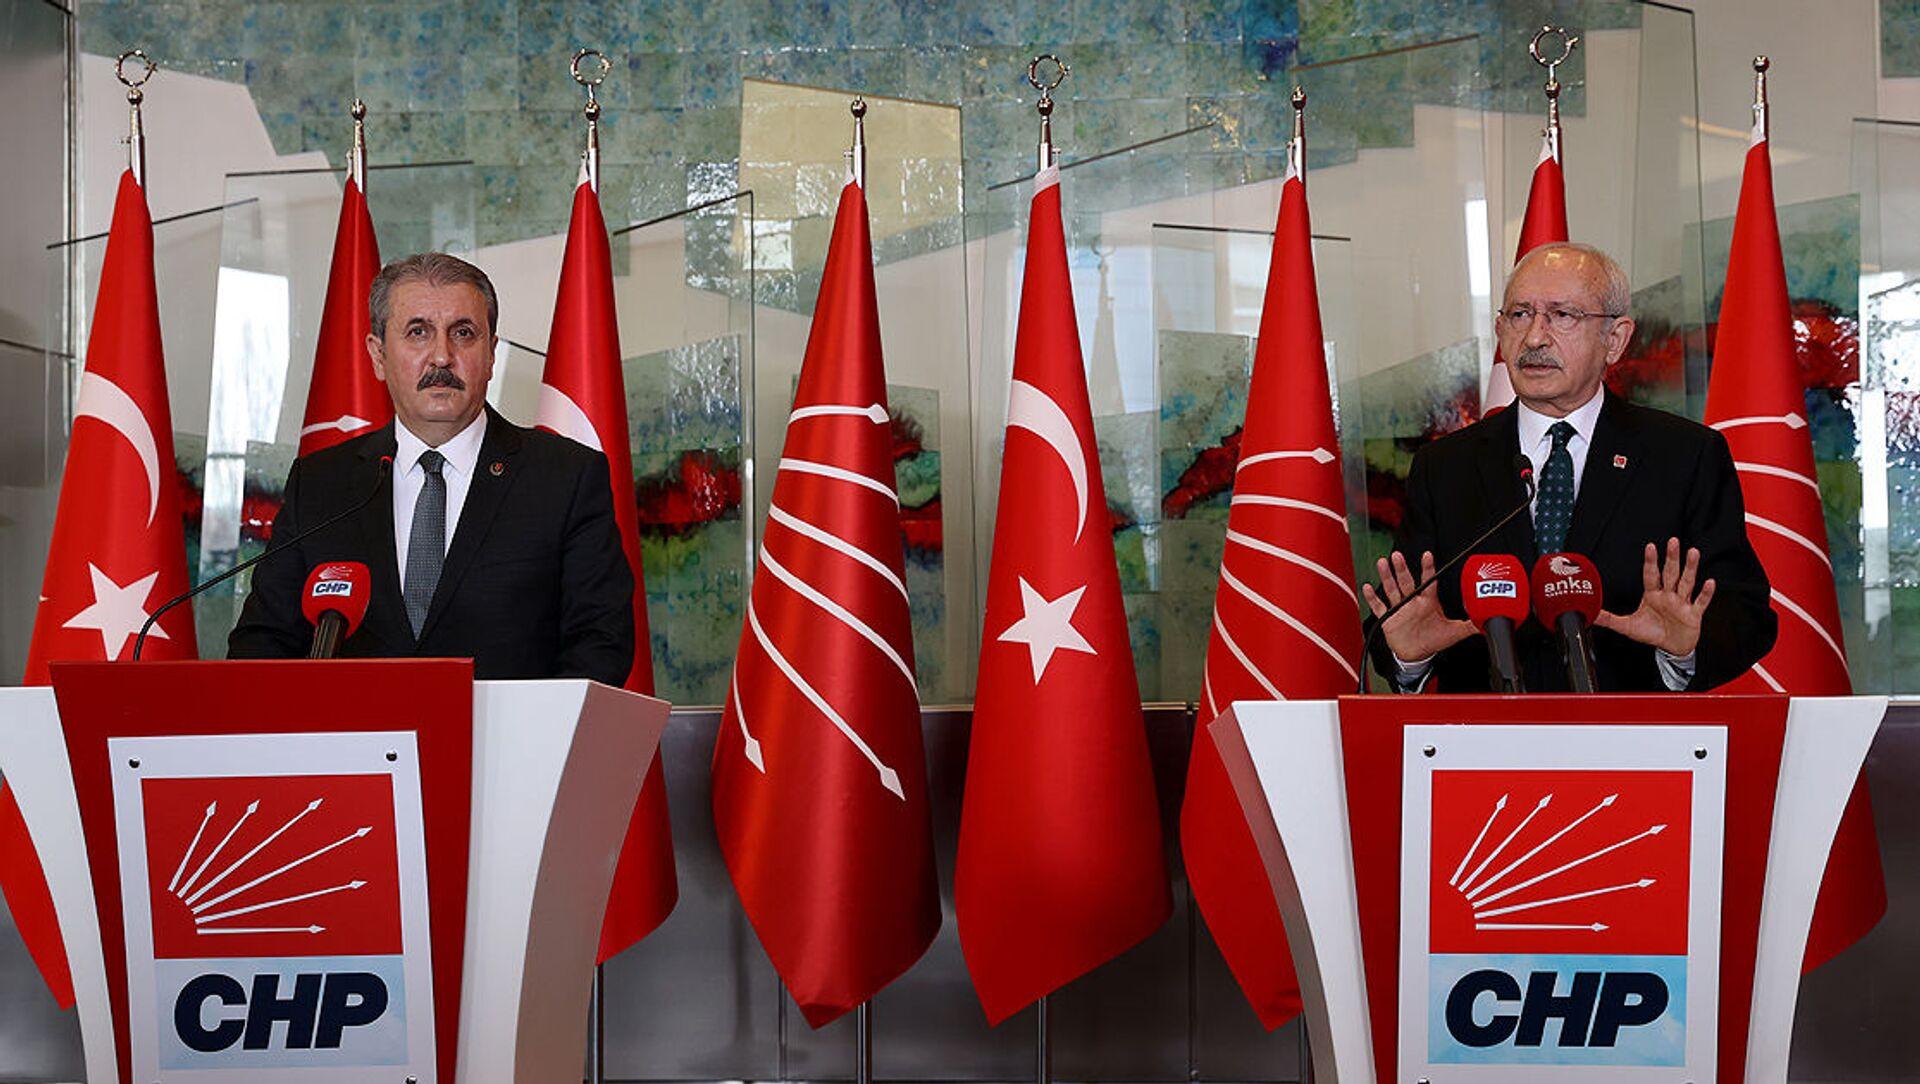 Kemal Kılıçdaroğlu, CHP Genel Merkezinde BBP Genel Başkanı Mustafa Destici ve beraberindeki heyeti kabul etti - Sputnik Türkiye, 1920, 21.02.2021